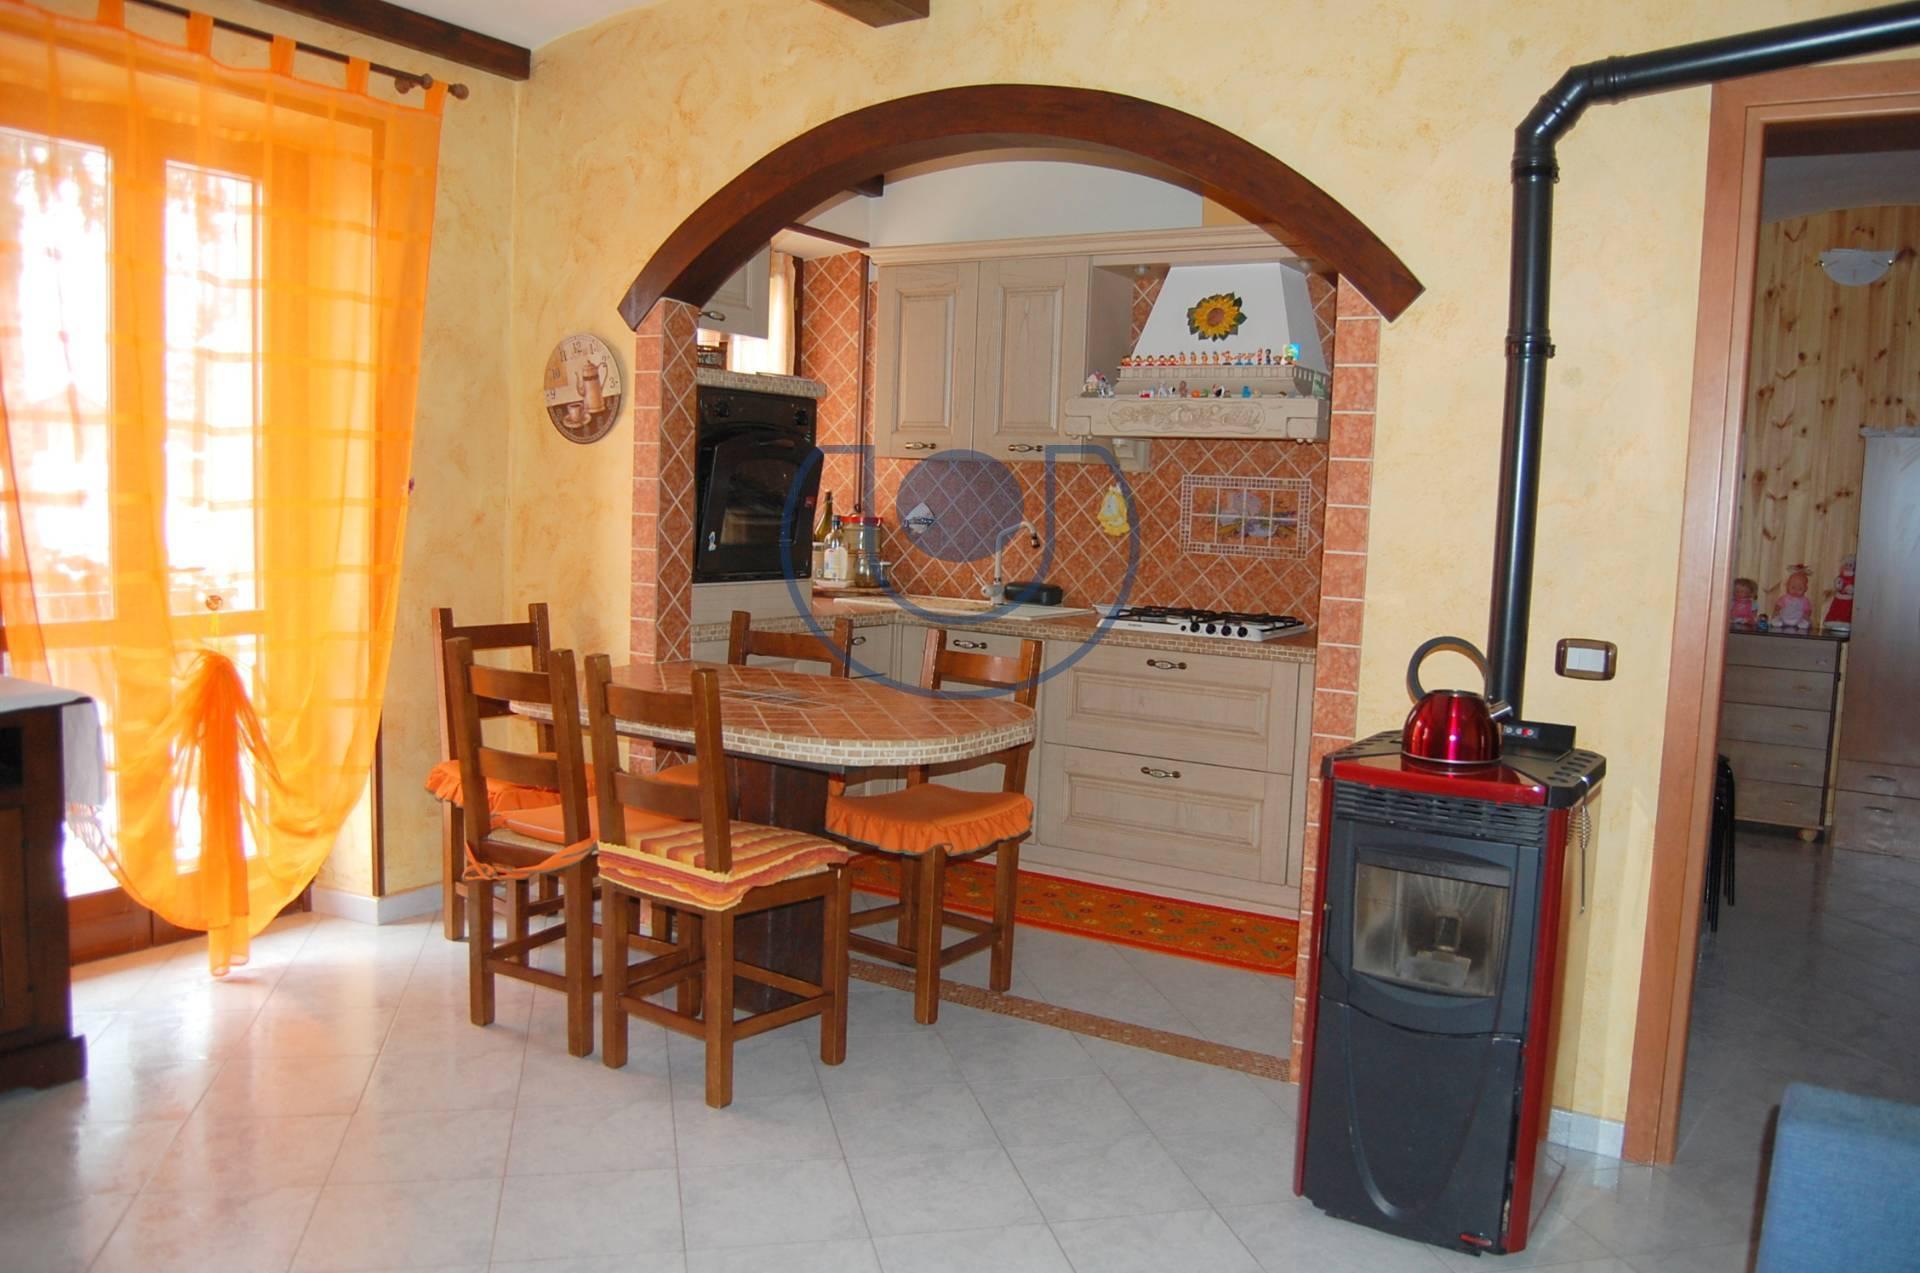 Appartamento in vendita a Coazze, 6 locali, zona Località: Centro, prezzo € 48.000 | PortaleAgenzieImmobiliari.it